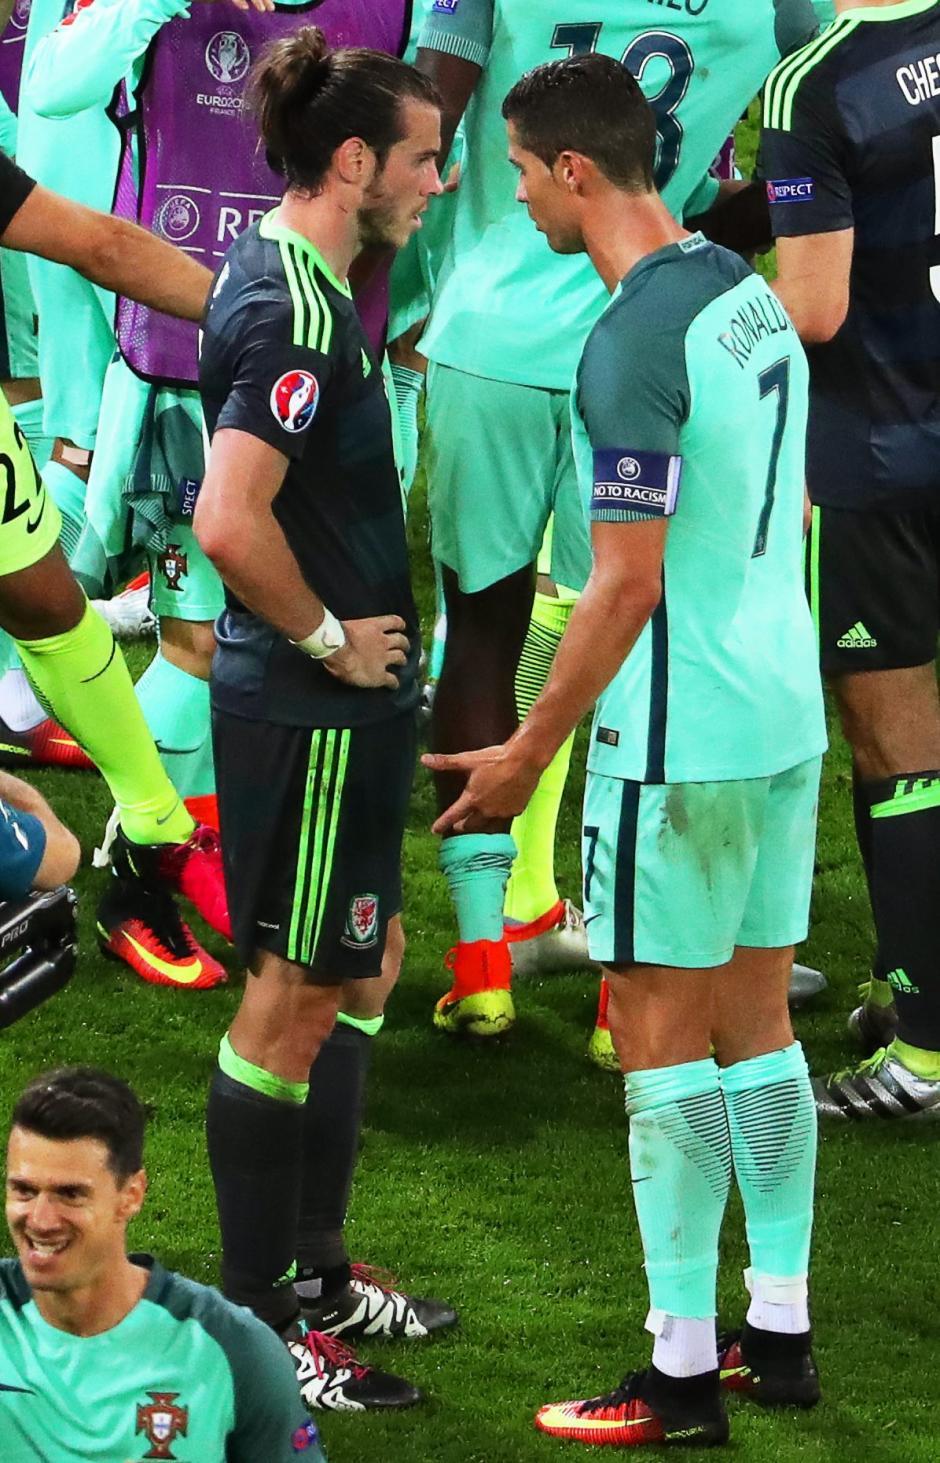 La selección galesa luchará por el tercer lugar en la Eurocopa 2016. (Foto: EFE)